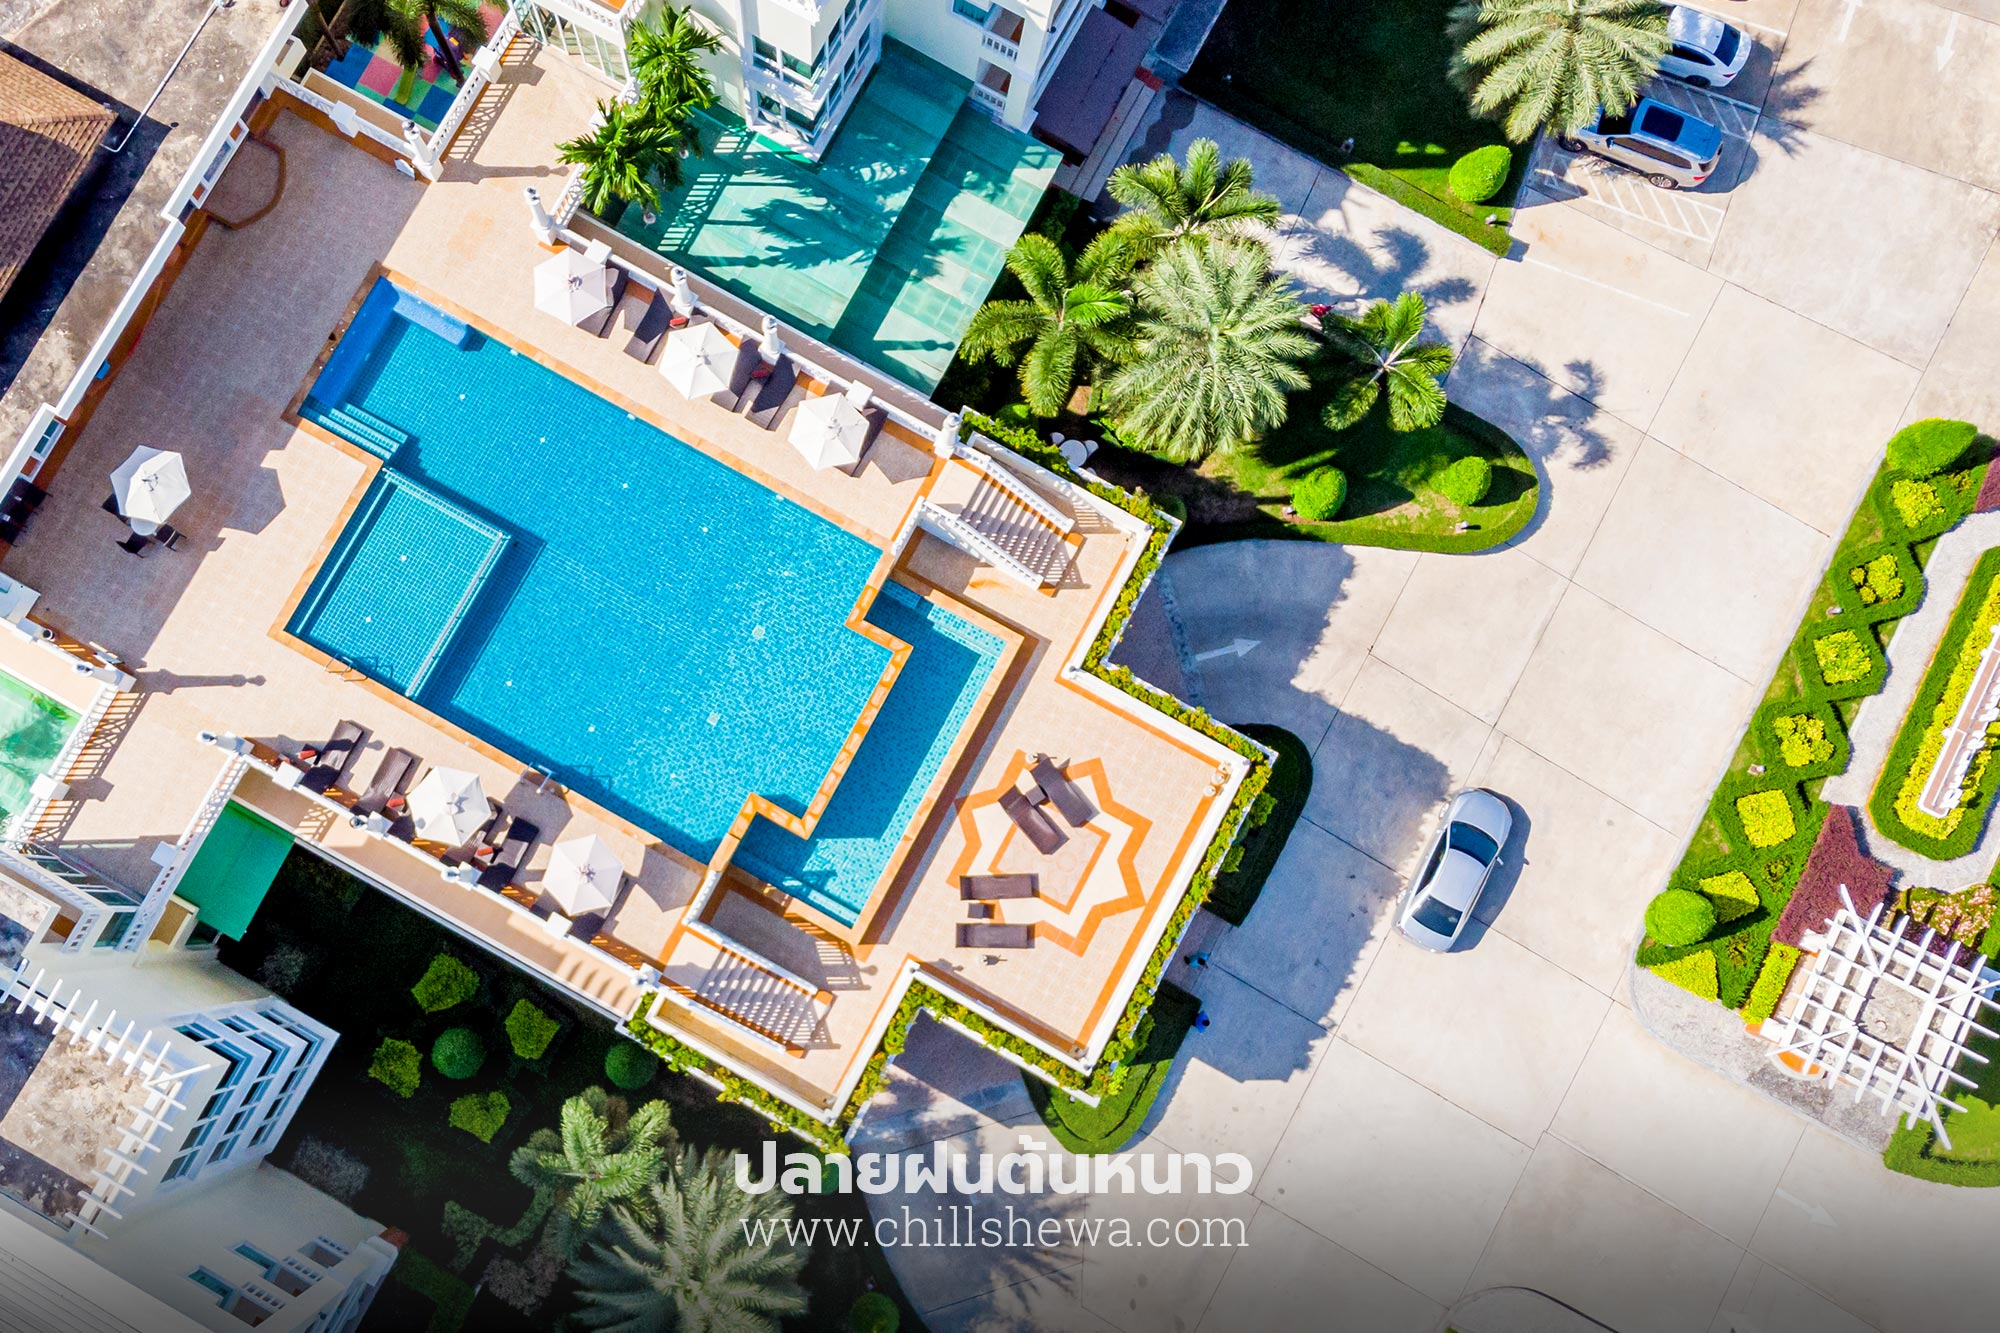 สระว่ายน้ำกลางแจ้ง Krabi Front Bay Resort กระบี่ ฟร้อนท์ เบย์ รีสอร์ท krabi front bay resort Krabi Front Bay Resort กระบี่ ฟร้อนท์ เบย์ รีสอร์ท Krabi Front Bay Resort 17